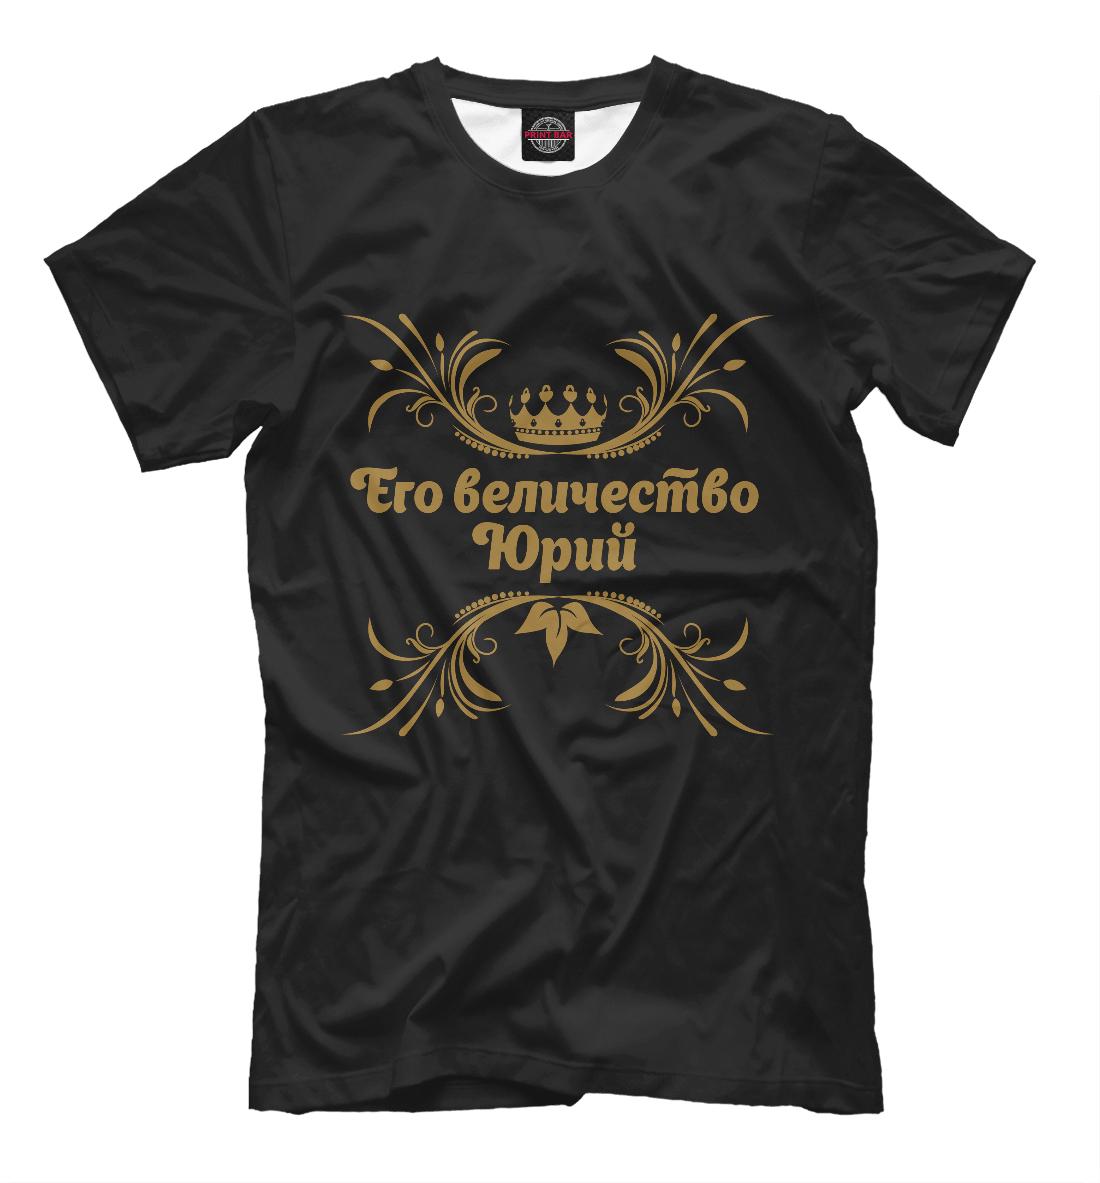 Купить Его величество Юрий, Printbar, Футболки, IMR-239061-fut-2